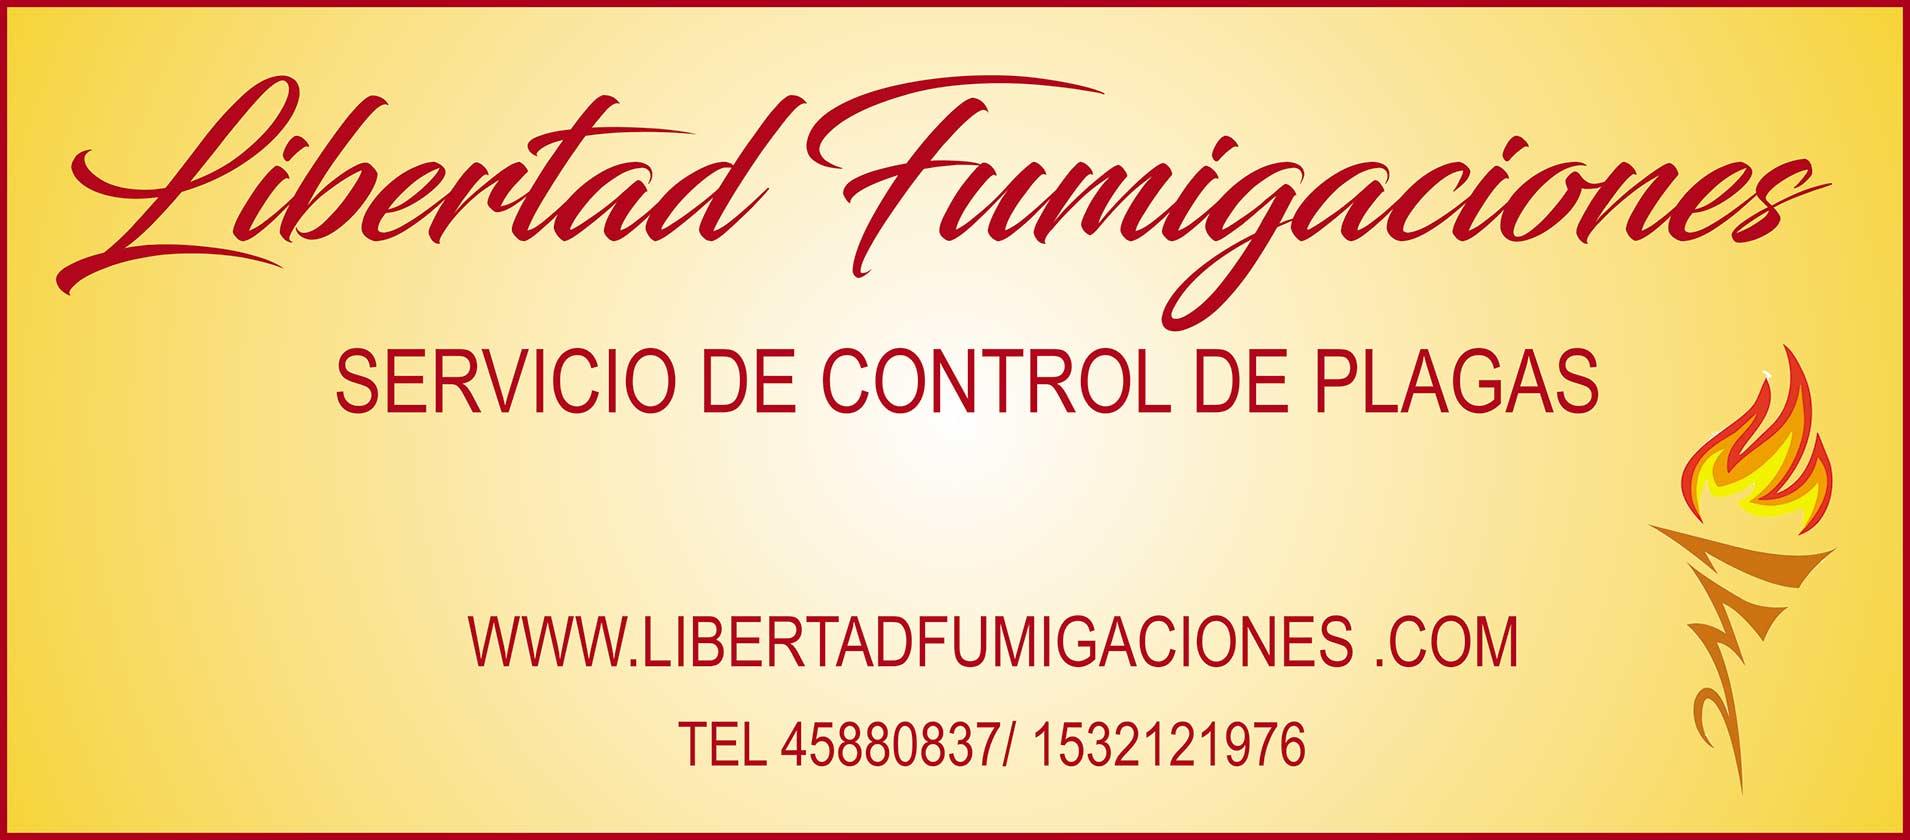 Libertad Fumigaciones